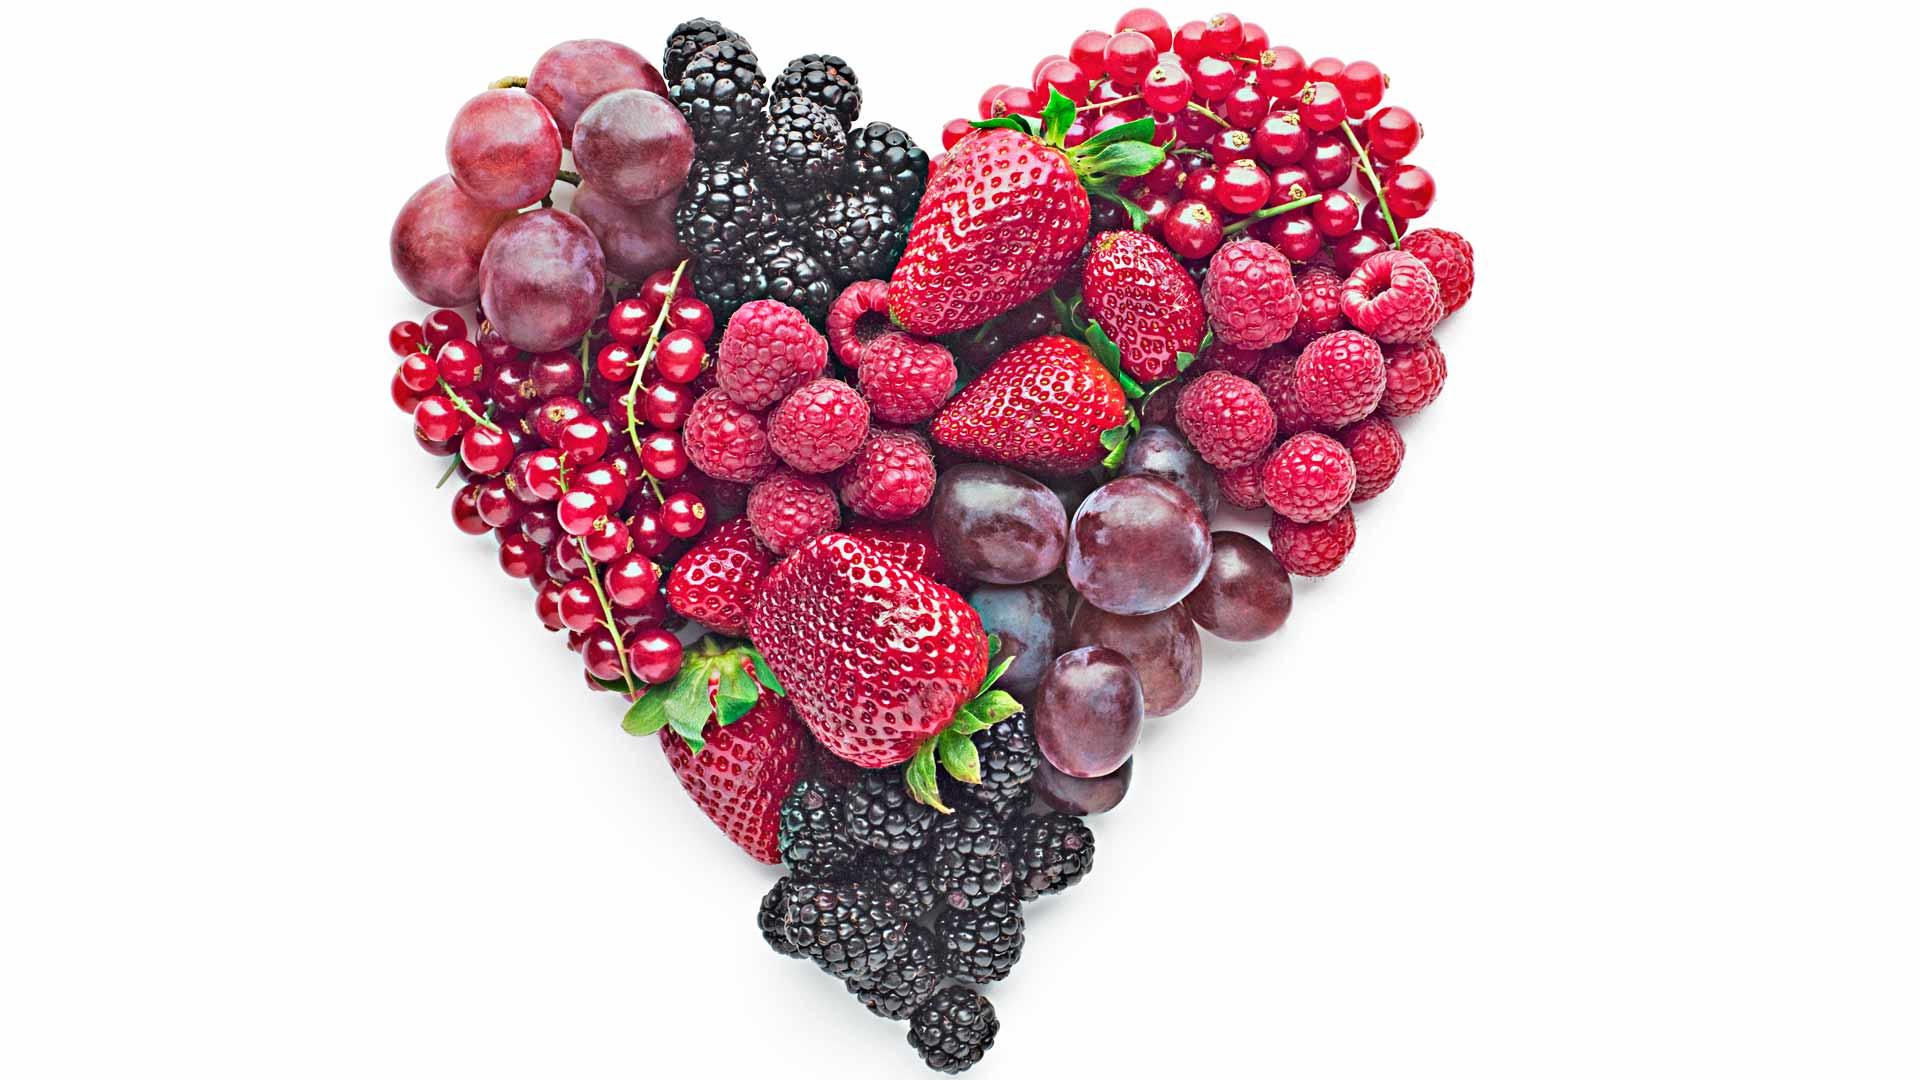 Ruokavalion avulla voidaan kuitenkin vaikuttaa hyvin merkittävällä tavalla muun muassa verenpaineeseen, kolesteroliin ja lihavuuteen.